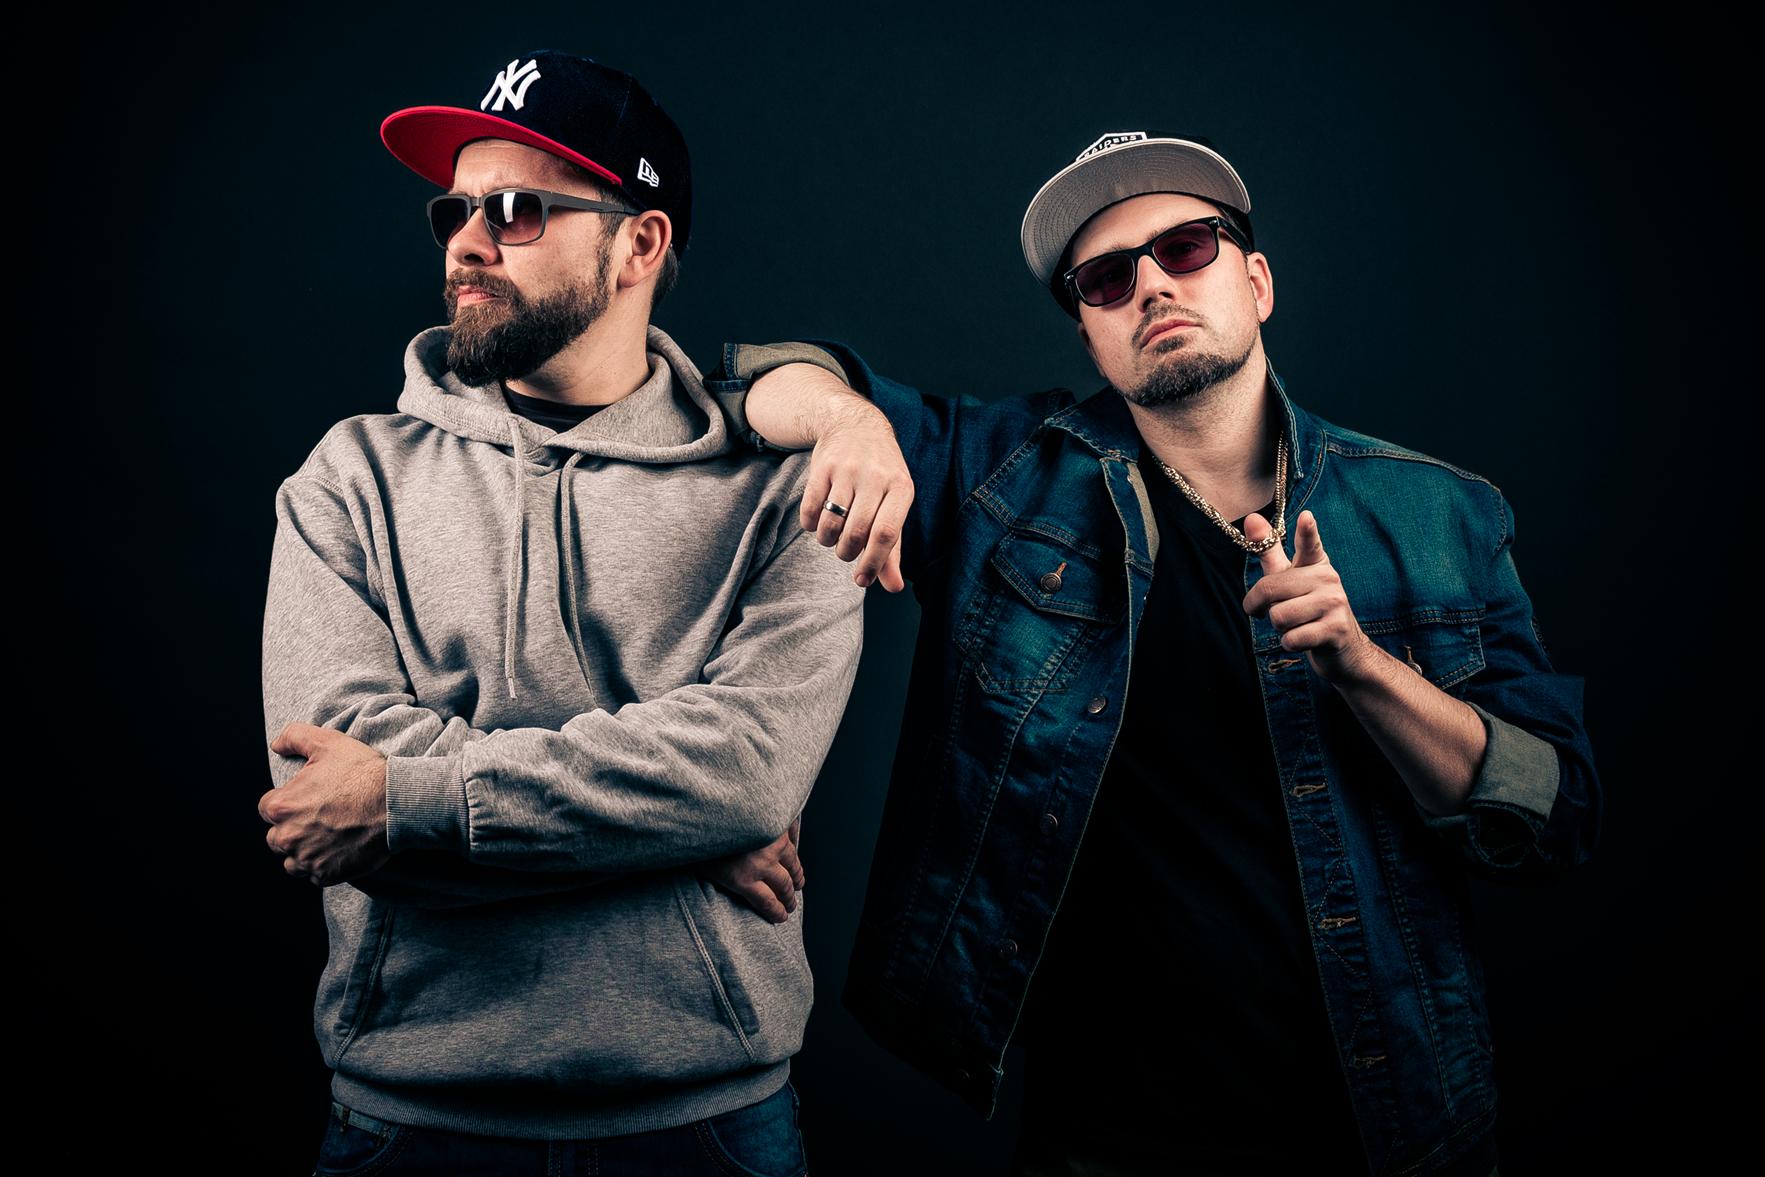 4_Issoe und DJ Primetime_Urheber Heiko Naumann